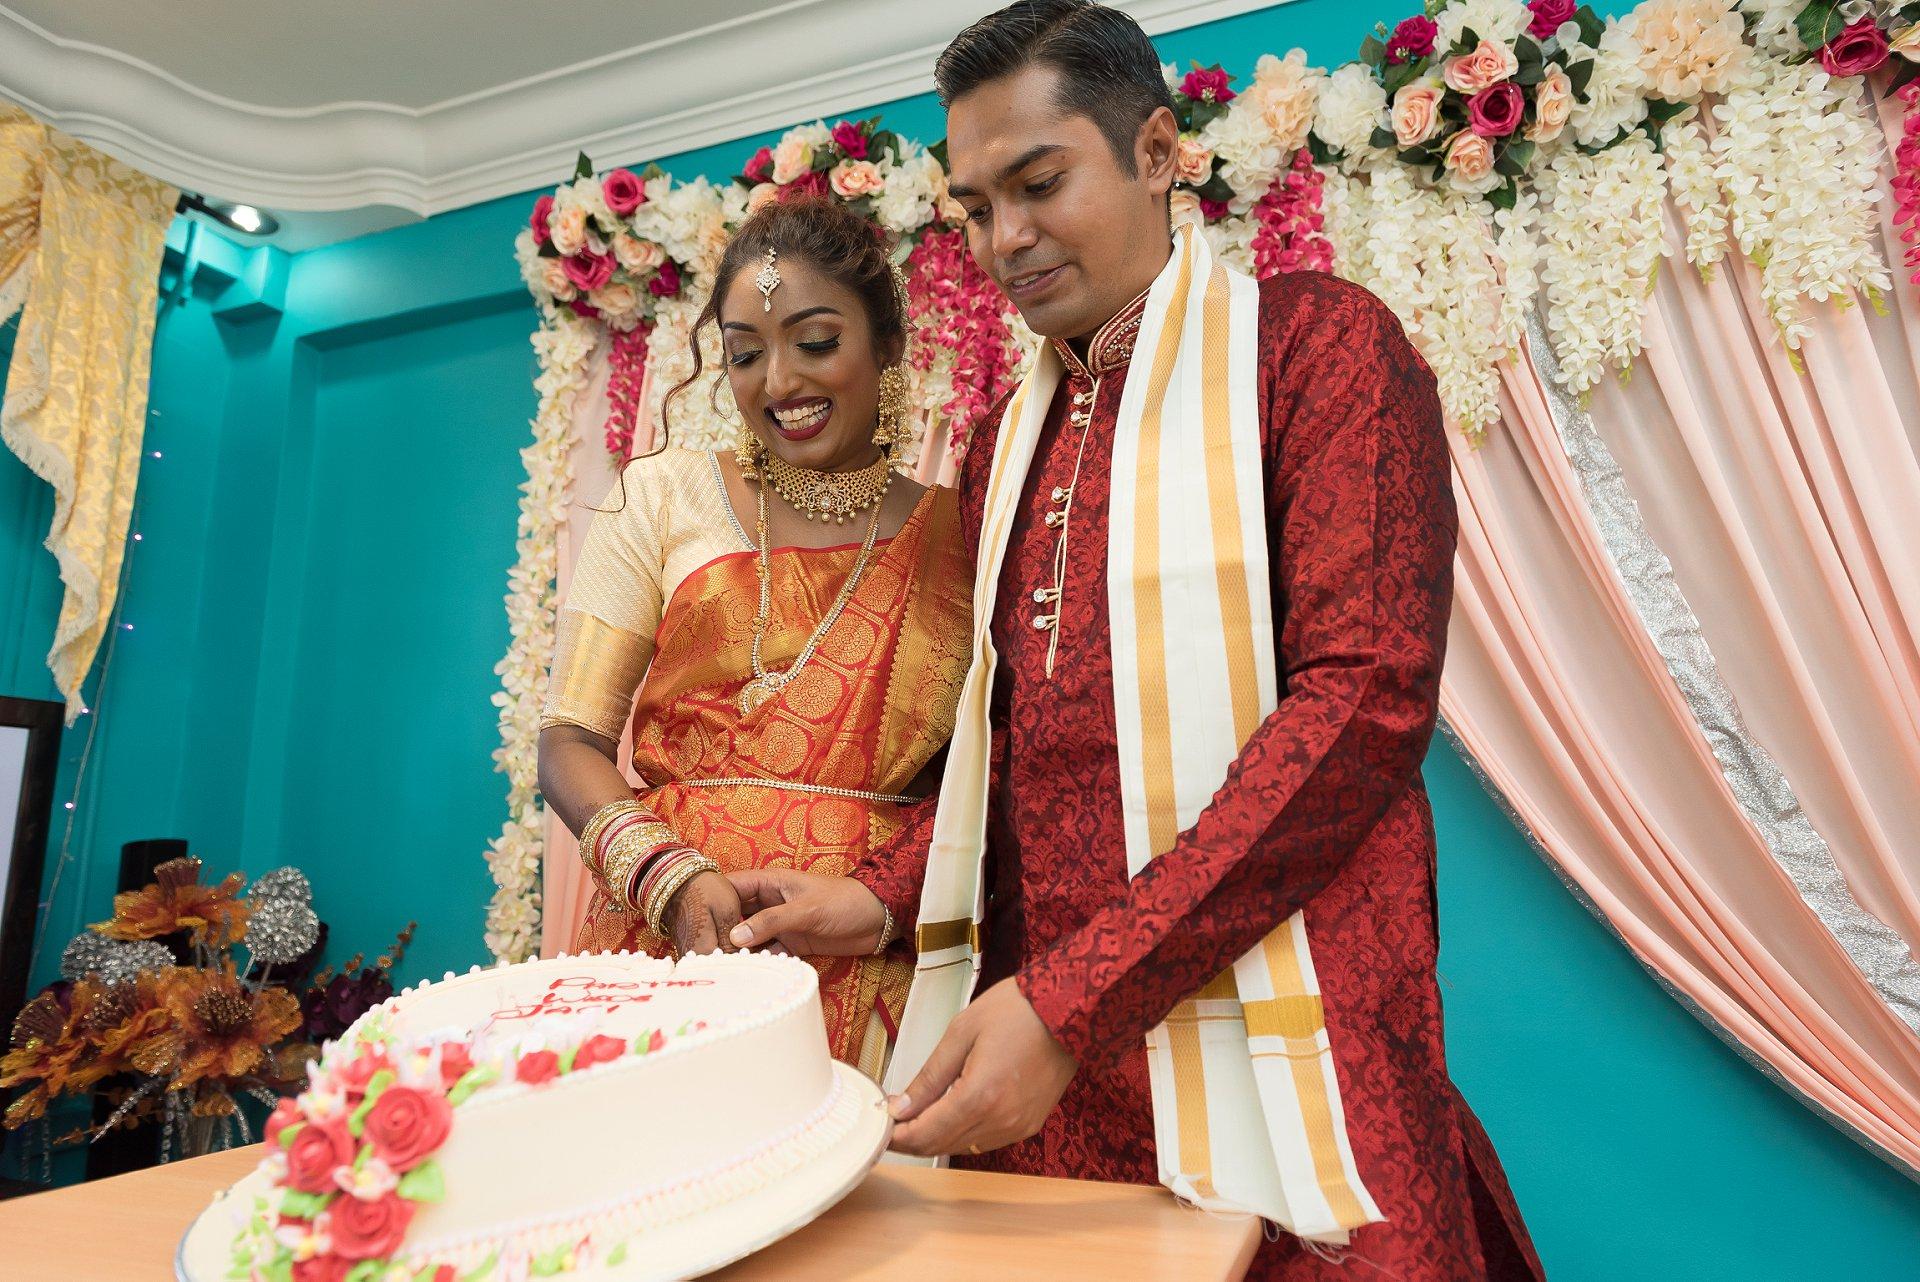 COVID-19 Singapore schaking bruiloft afbeeldingen | Ze gaan dan verder naar de ceremonie van het snijden van de bruidstaart